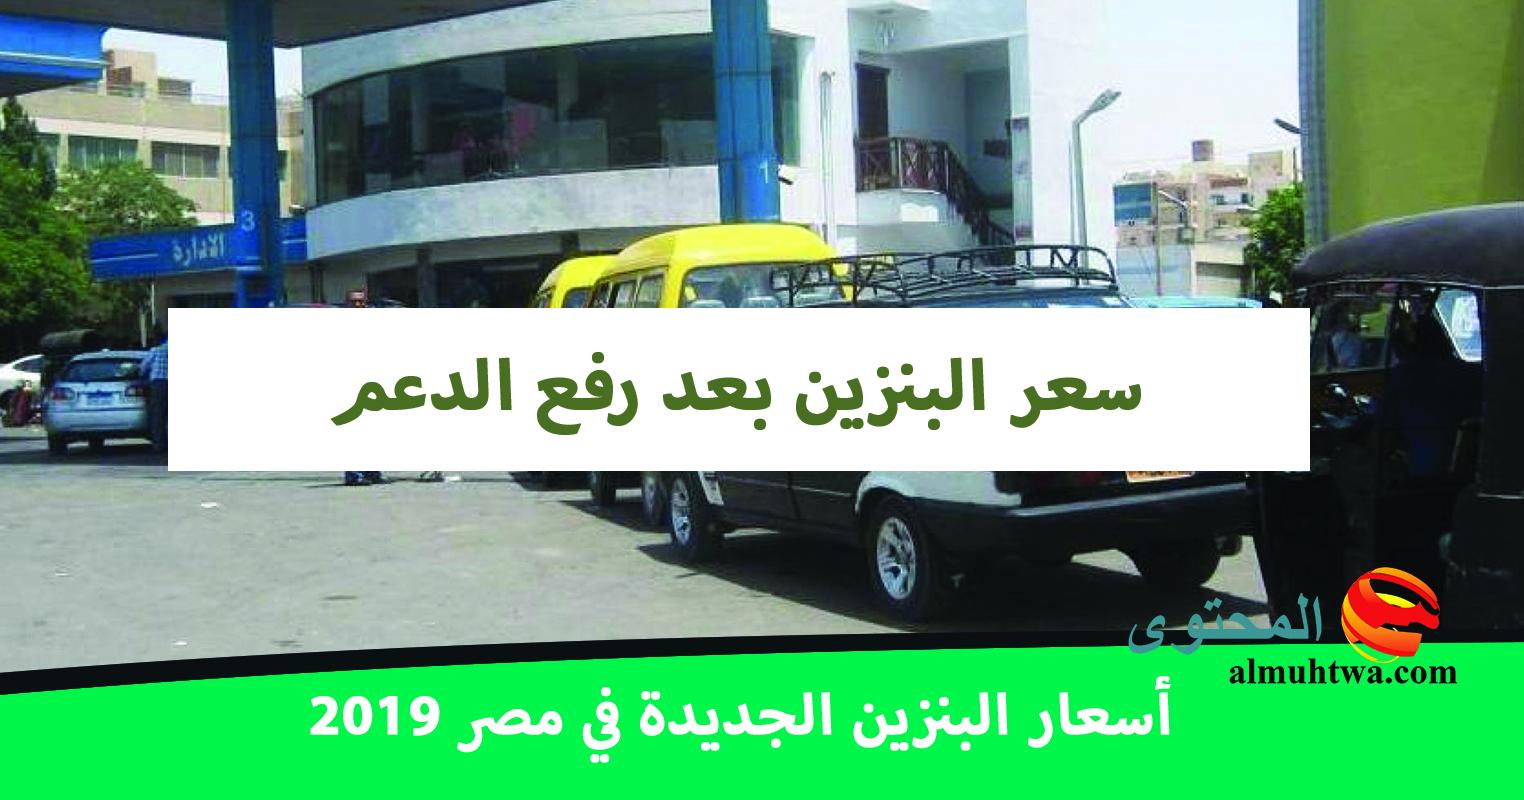 أسعار البنزين الجديدة في مصر 2019 بعد رفع الدعم عن البنزين